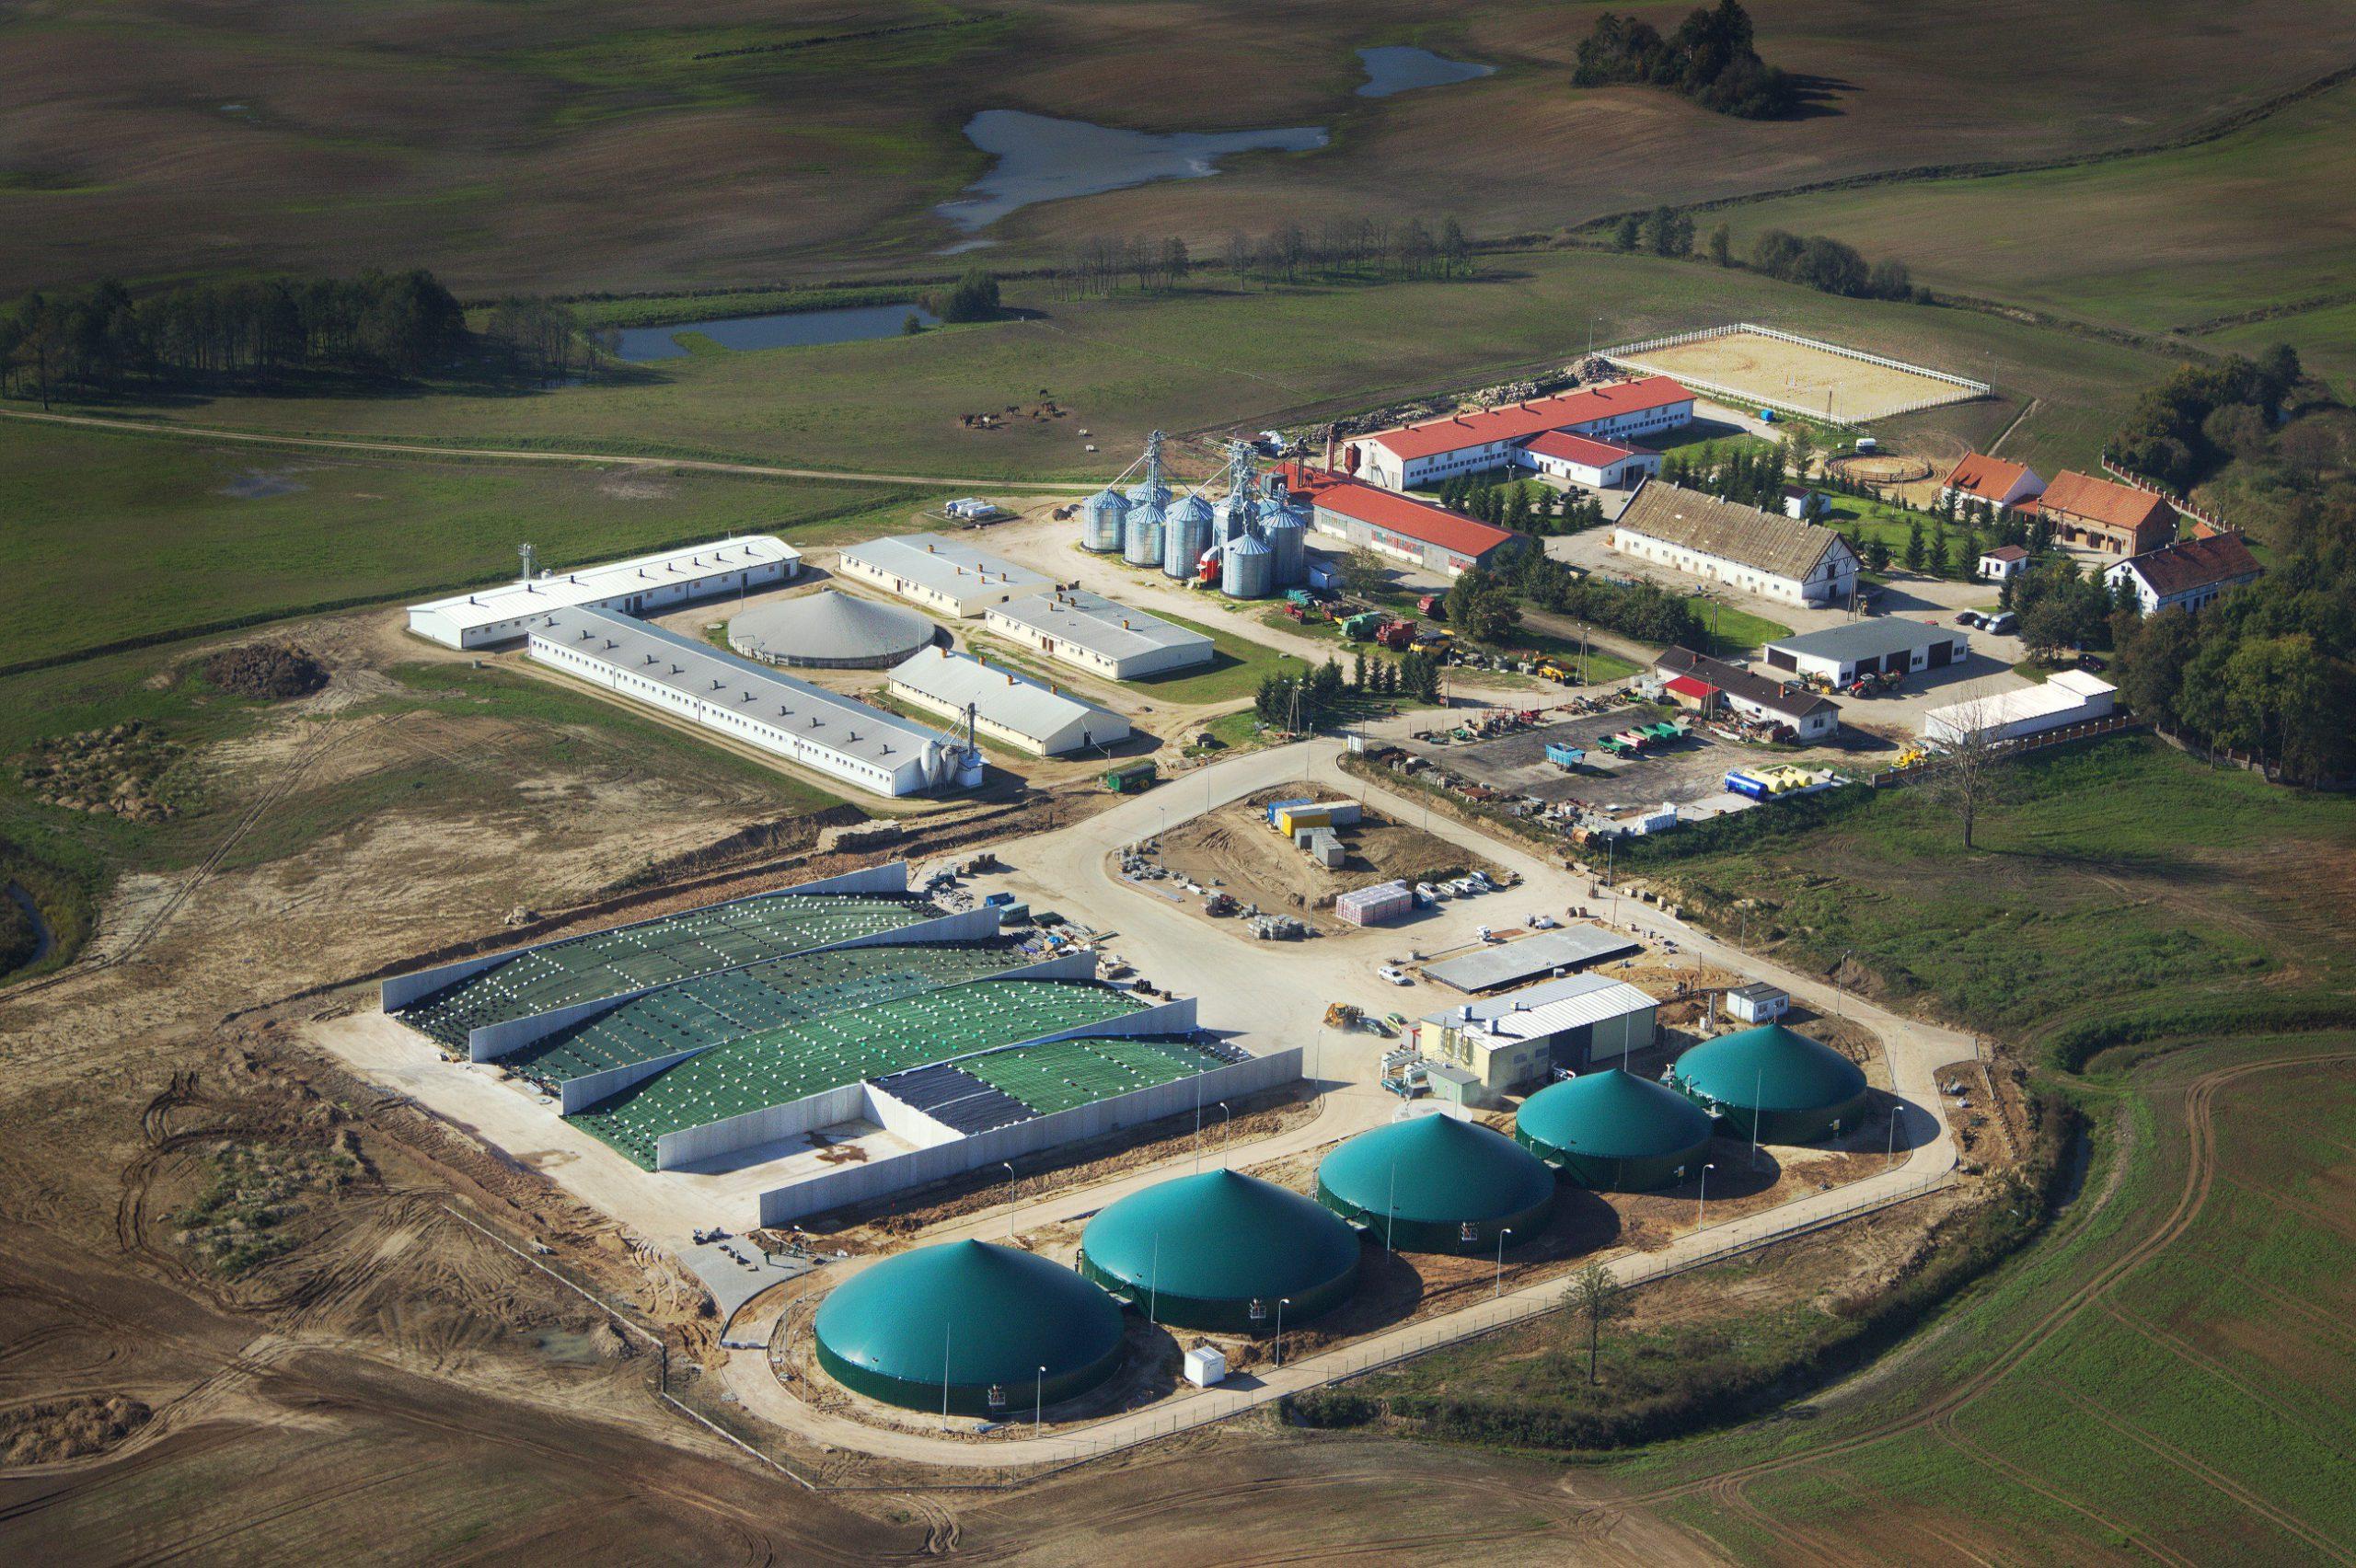 biogazownia giże - źródło instal białystok pl